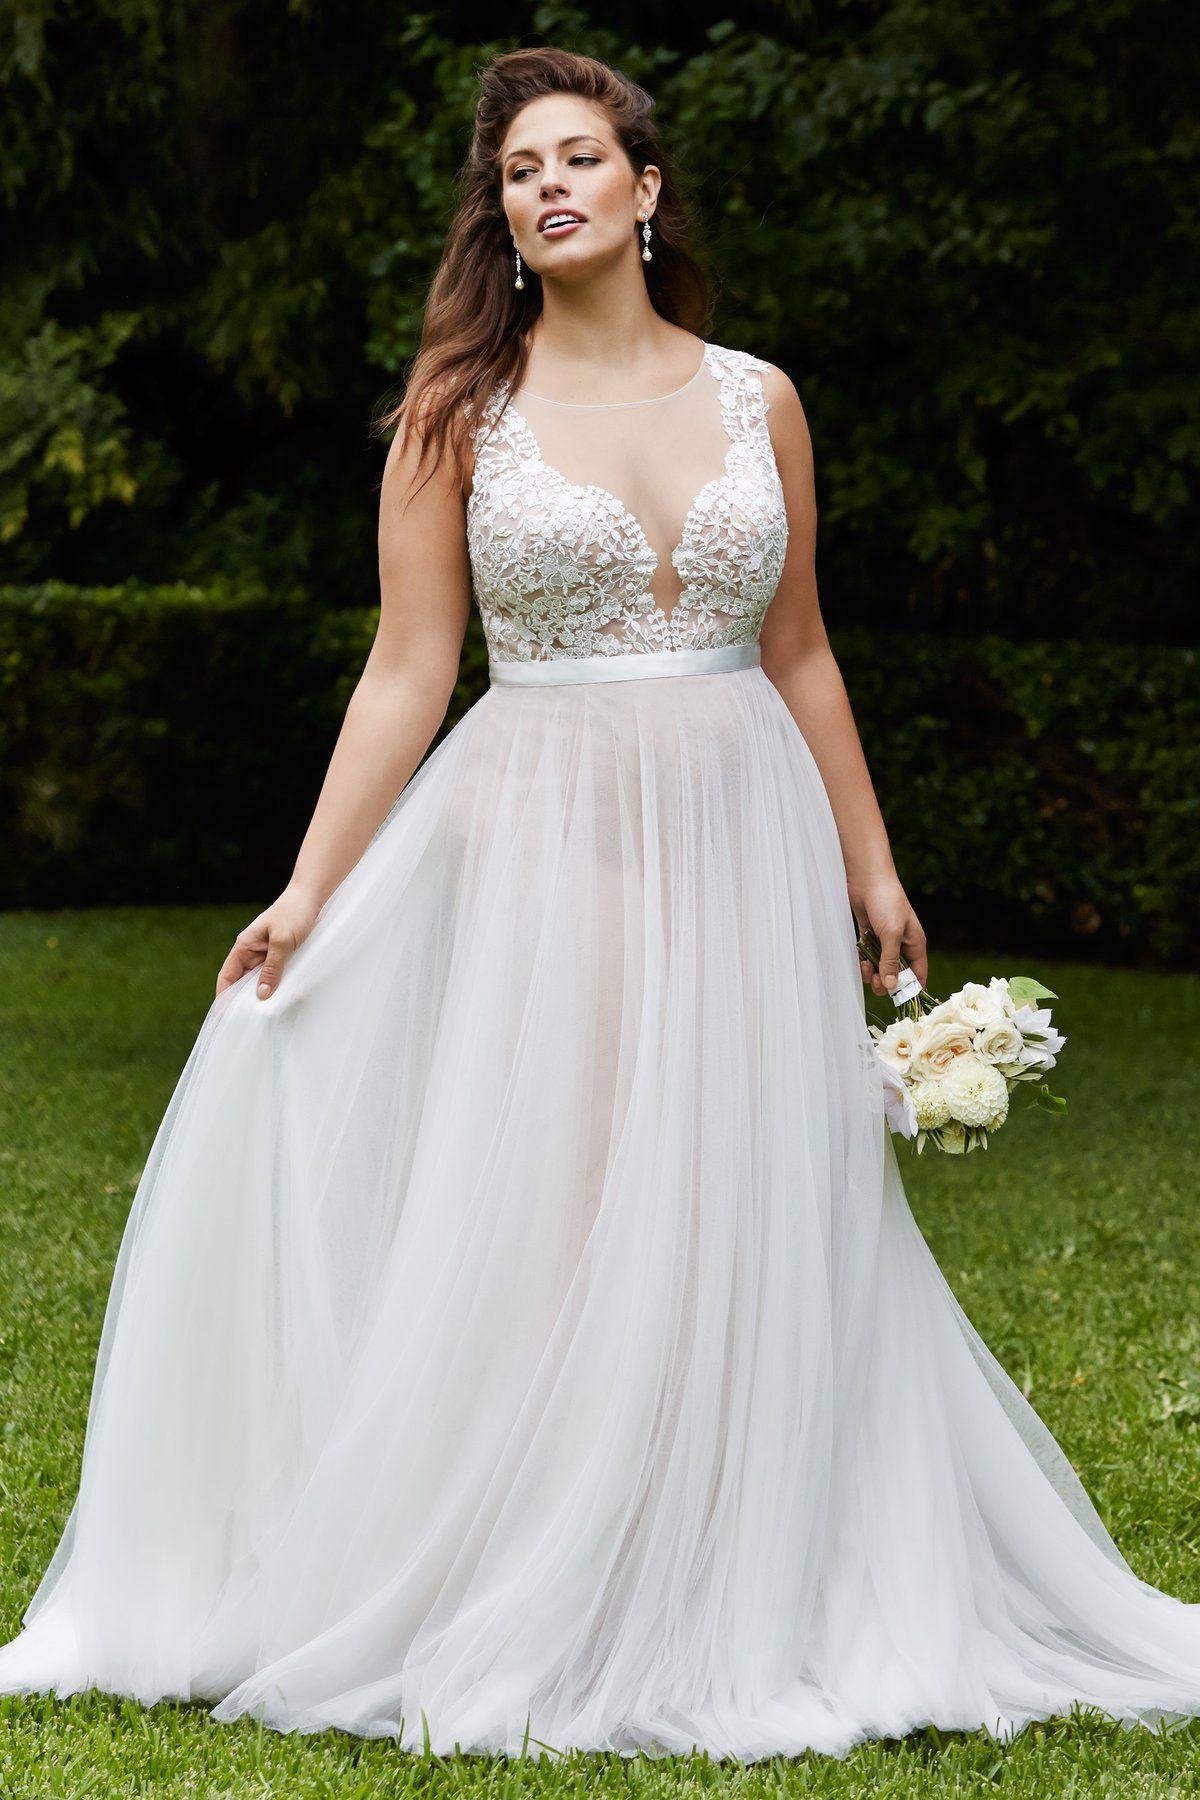 Atemberaubende Brautkleider der Wtoo Kollektion von Watters ...